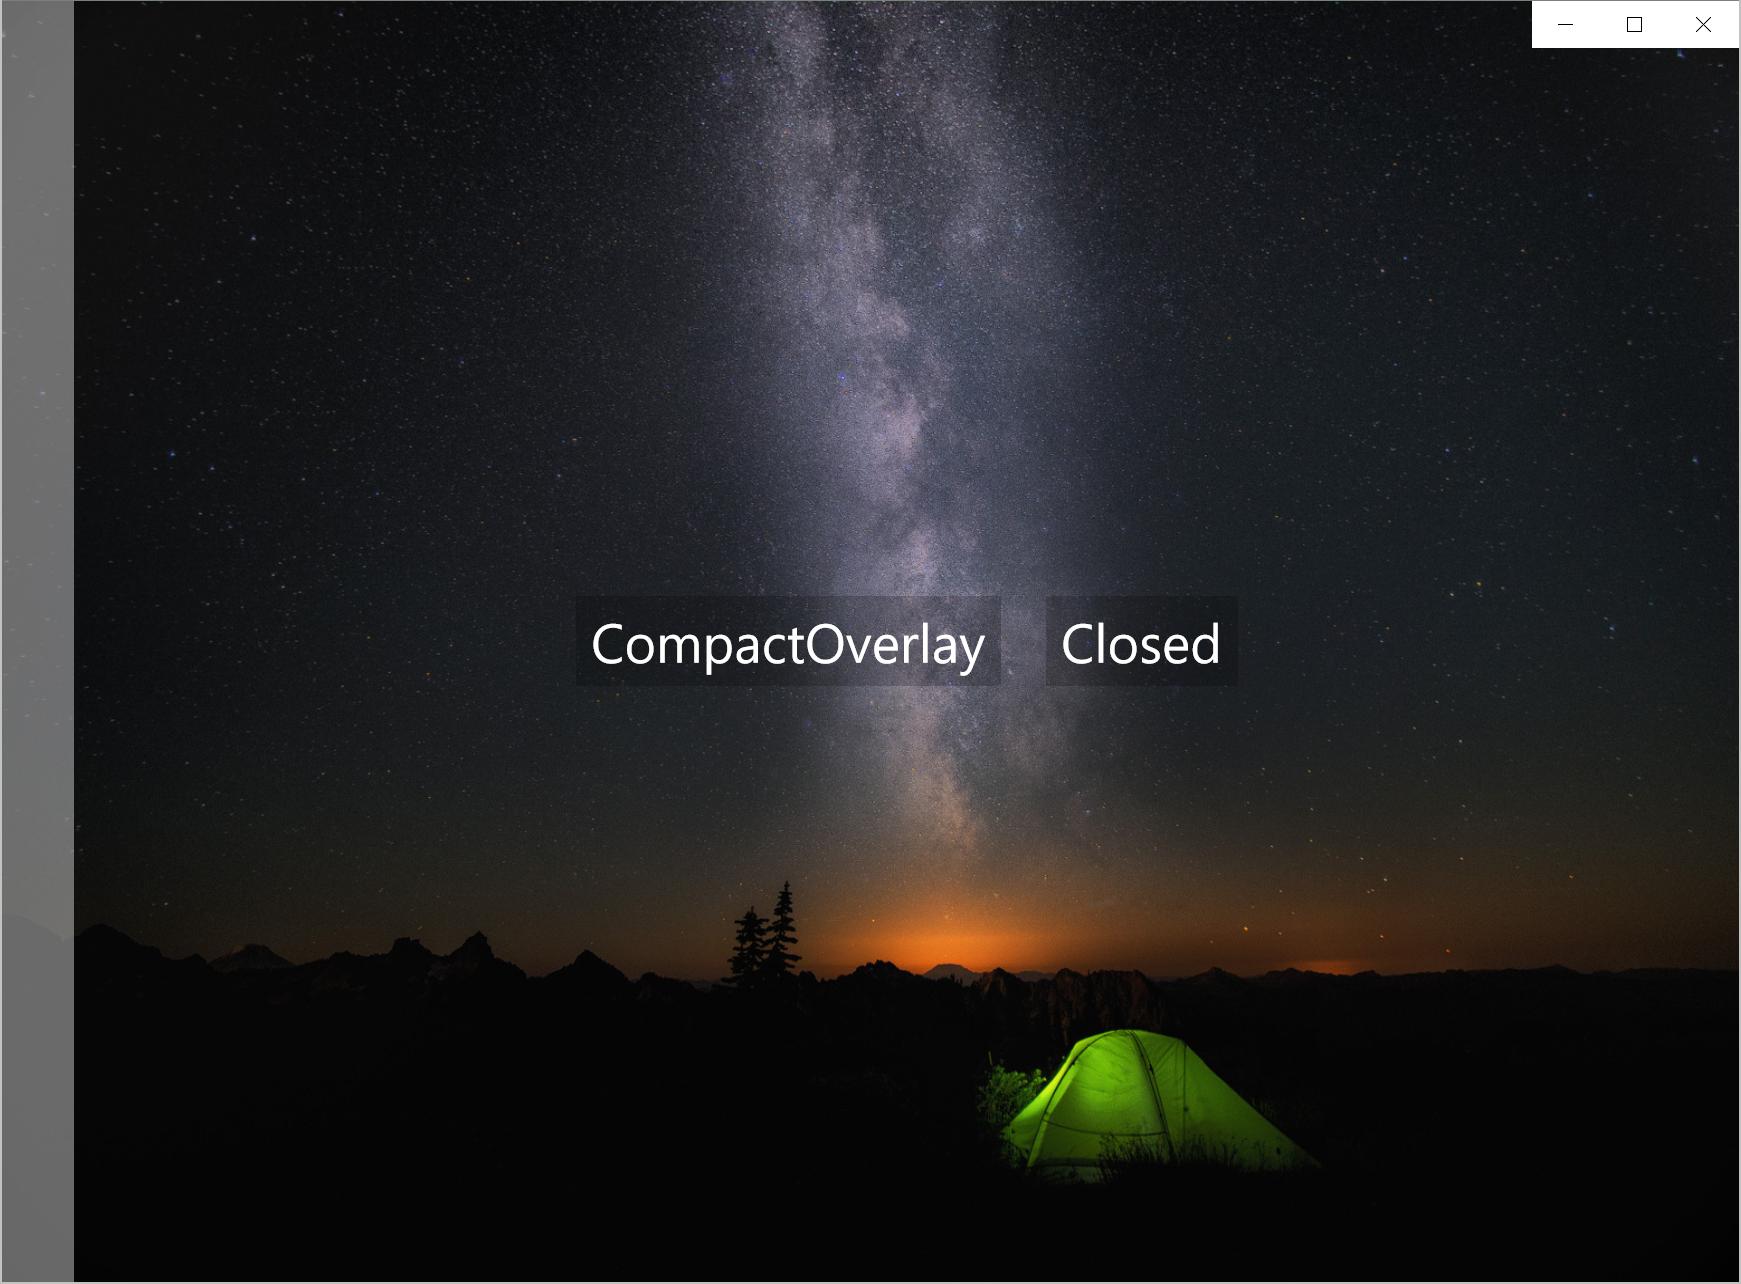 DisplayMode = CompactOverlay IsPaneOpen = False